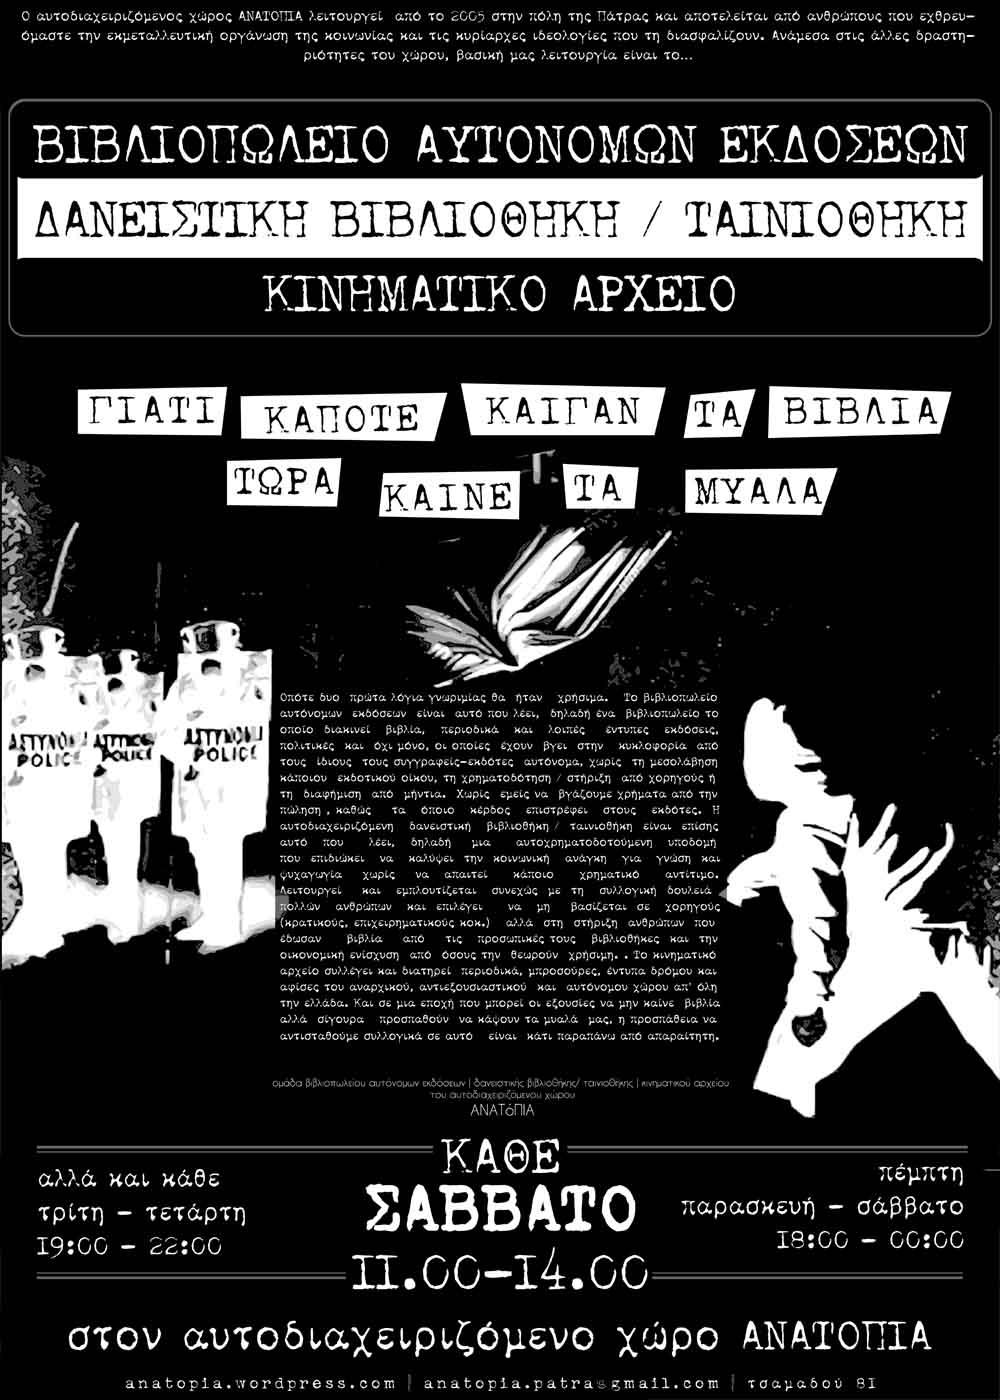 αφίσα βιβλιοπωλειοσιτε